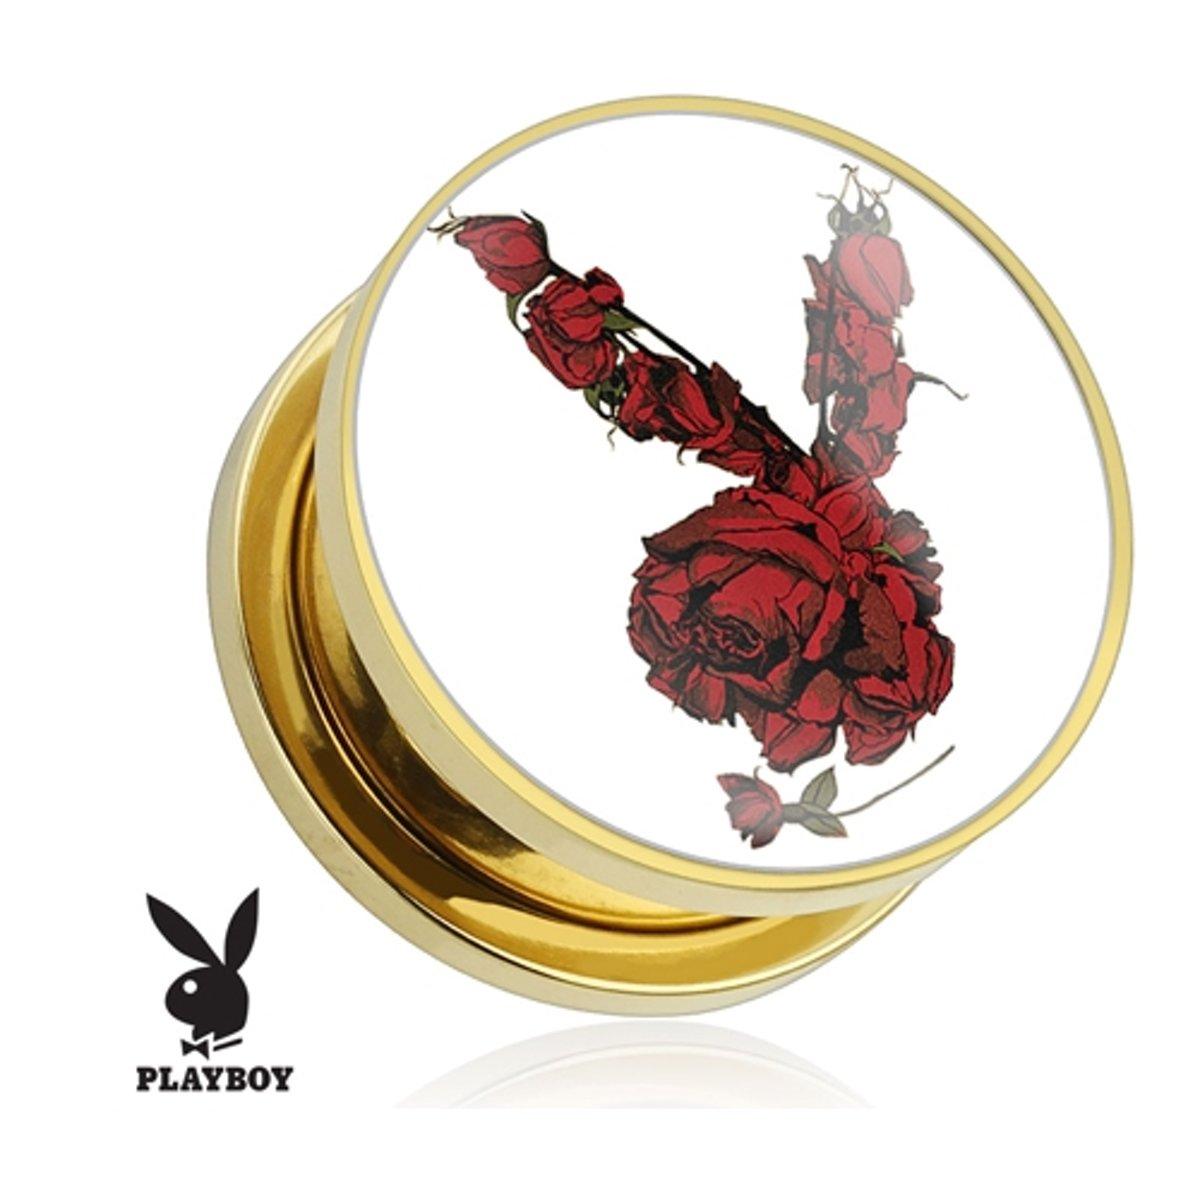 14 mm screw fit plug Playboy rozen gold plated (per paar) ©LMPiercings kopen